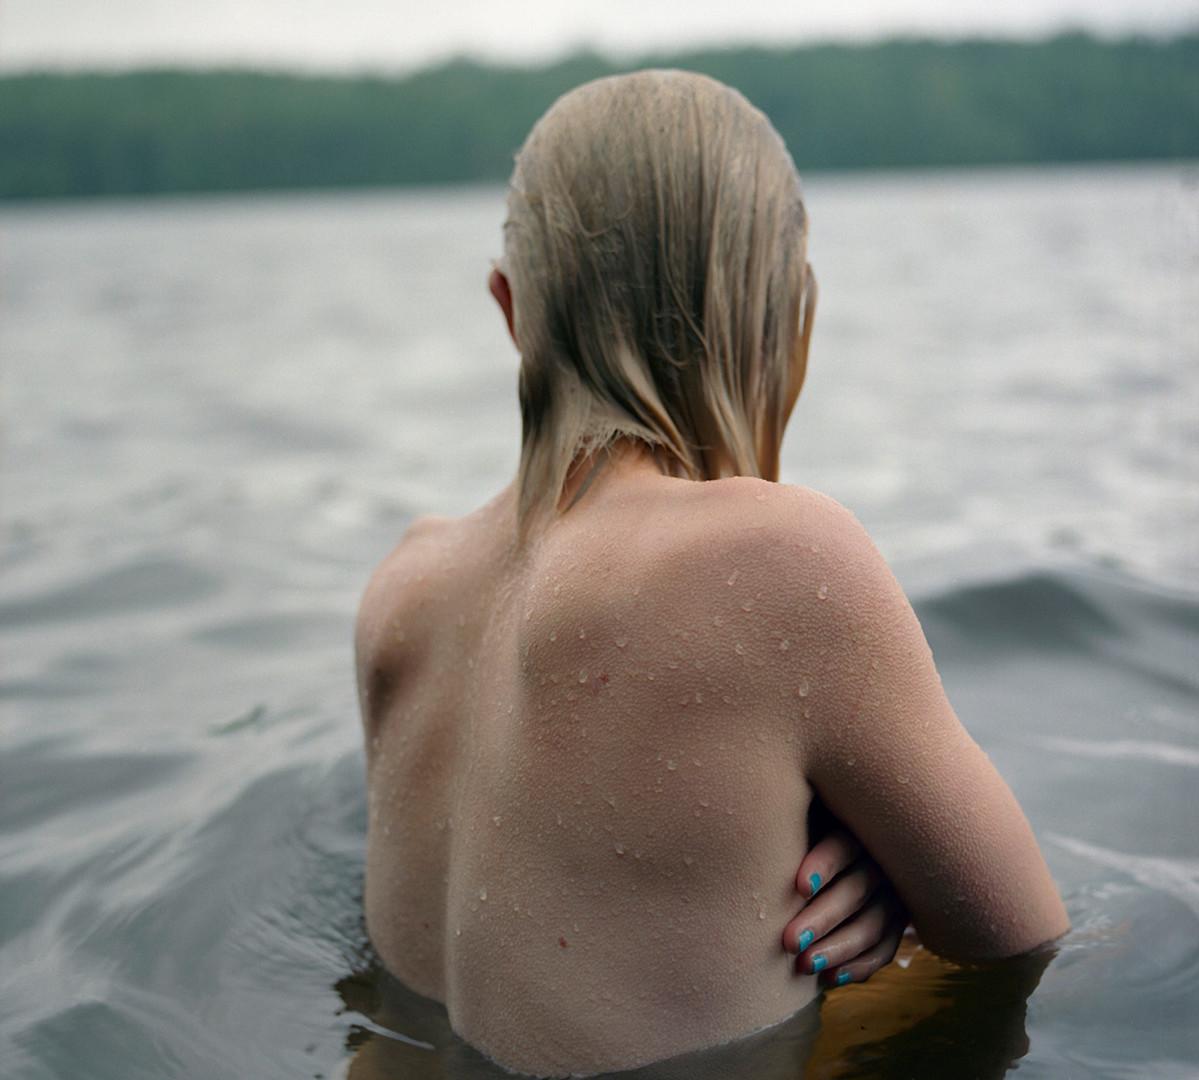 Jocelyn Lee, Untitled (Fiona in water), 2008